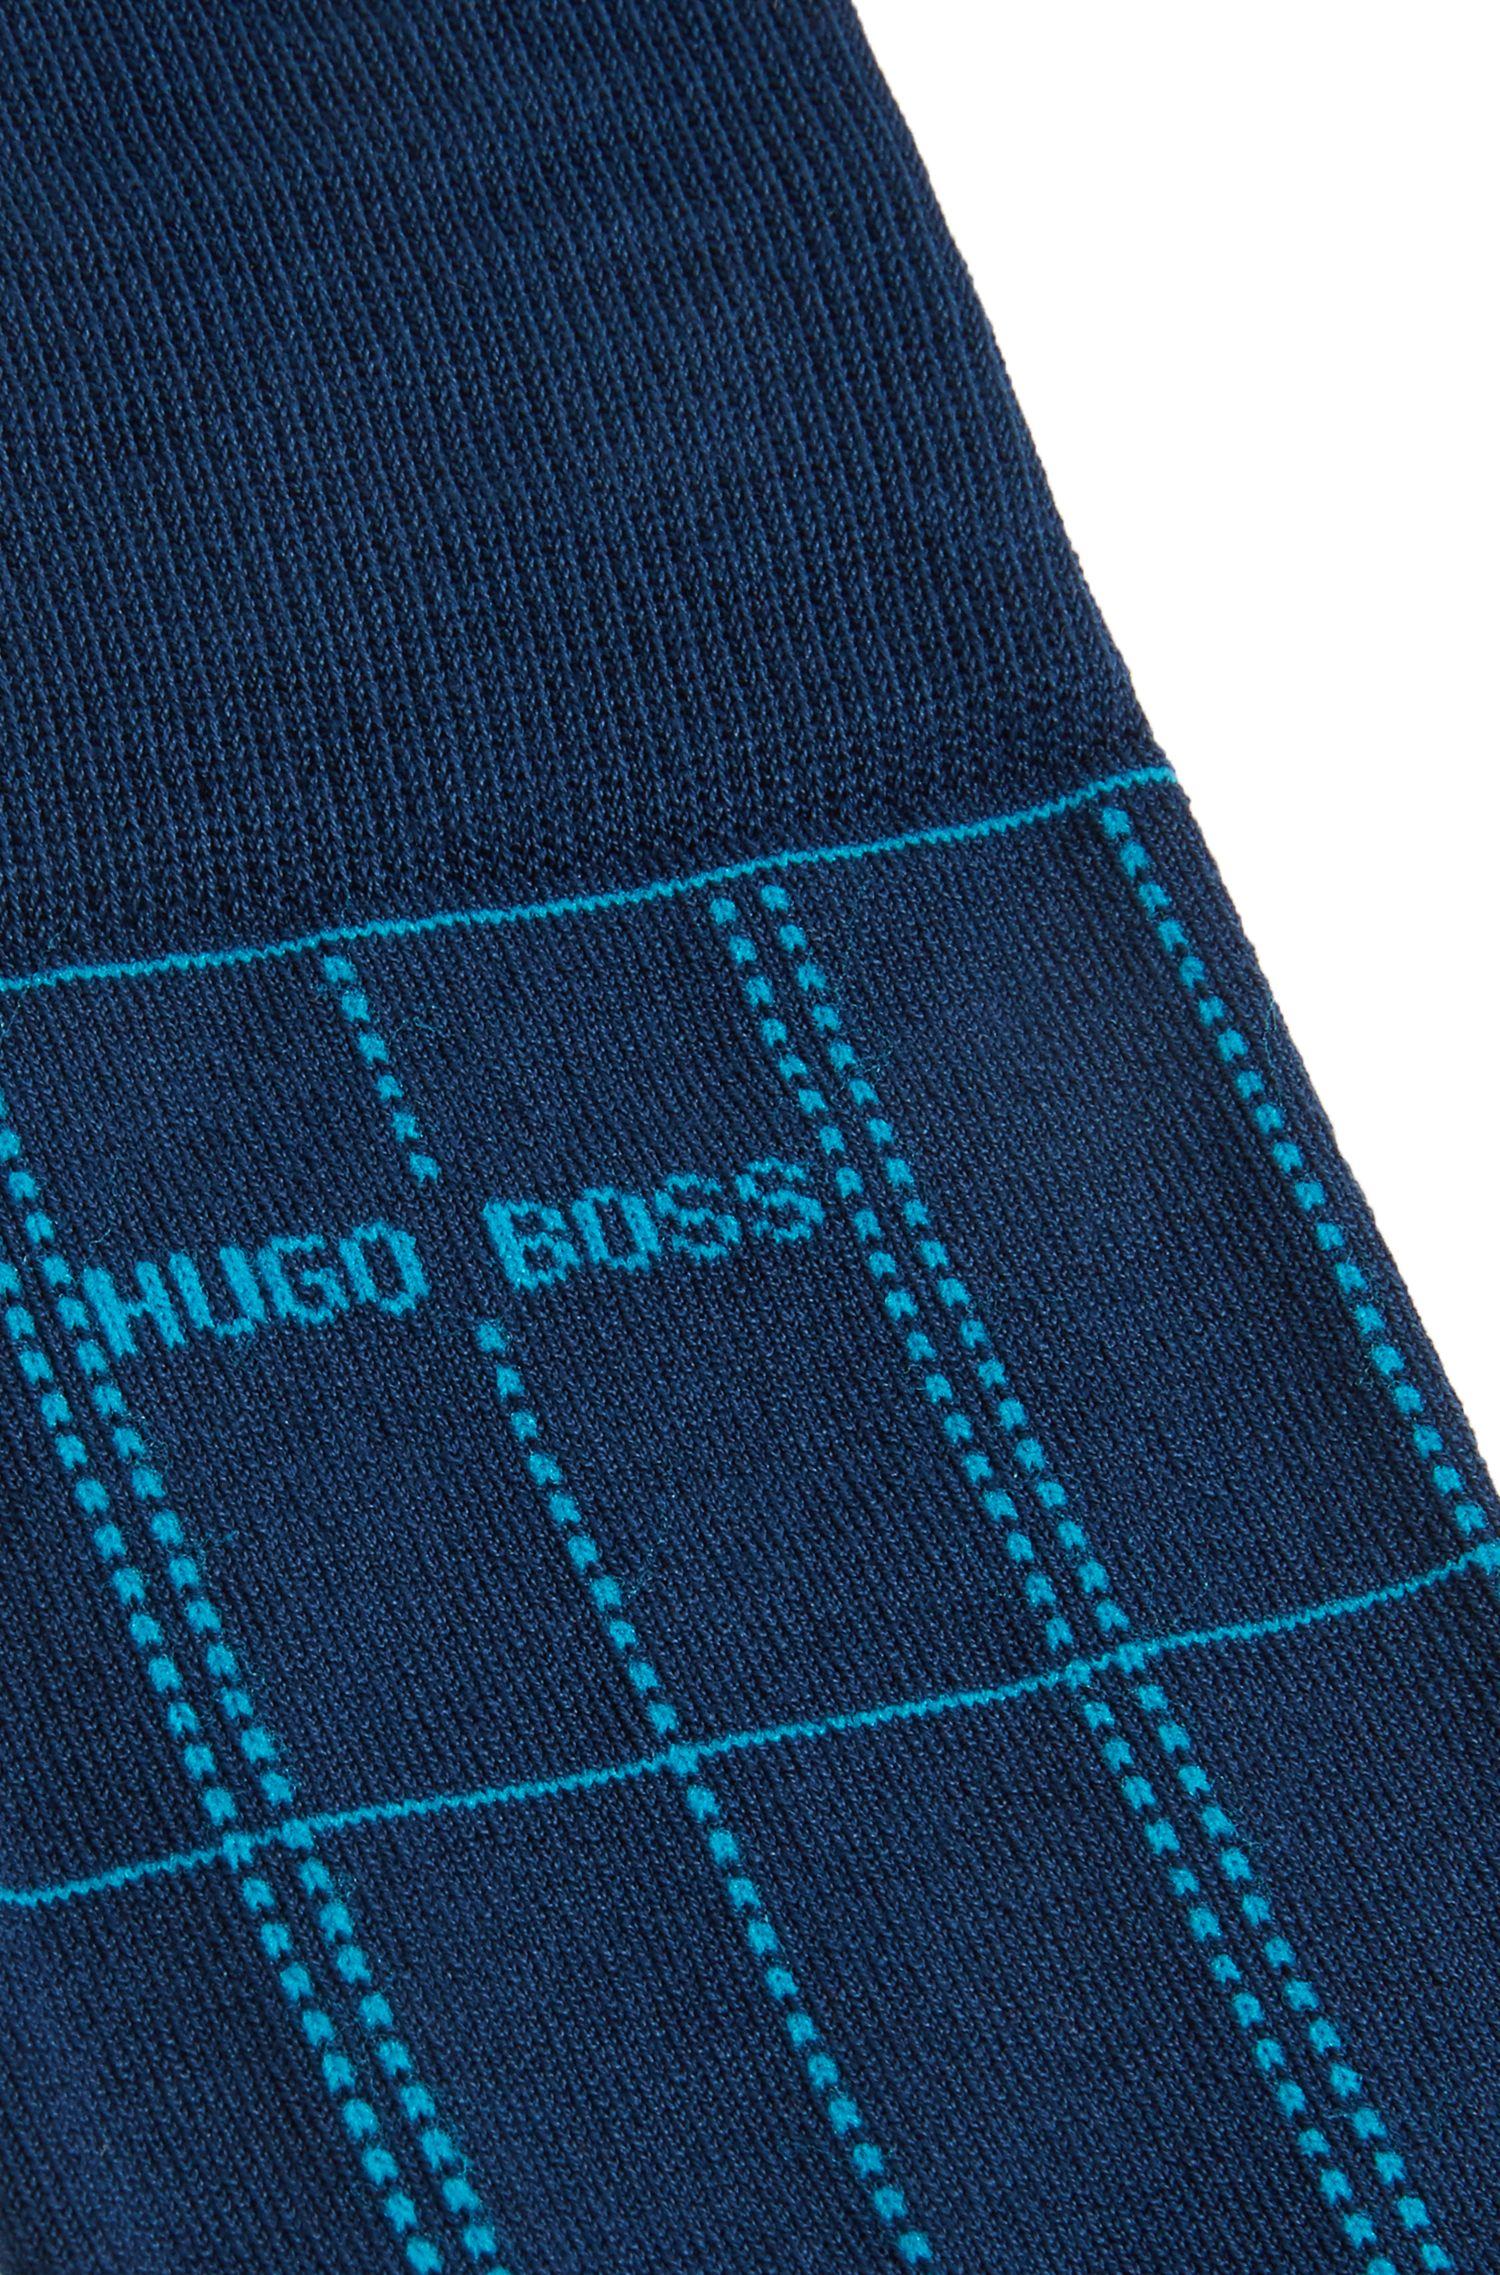 Plaid Sock | RS Check US MC, Dark Blue